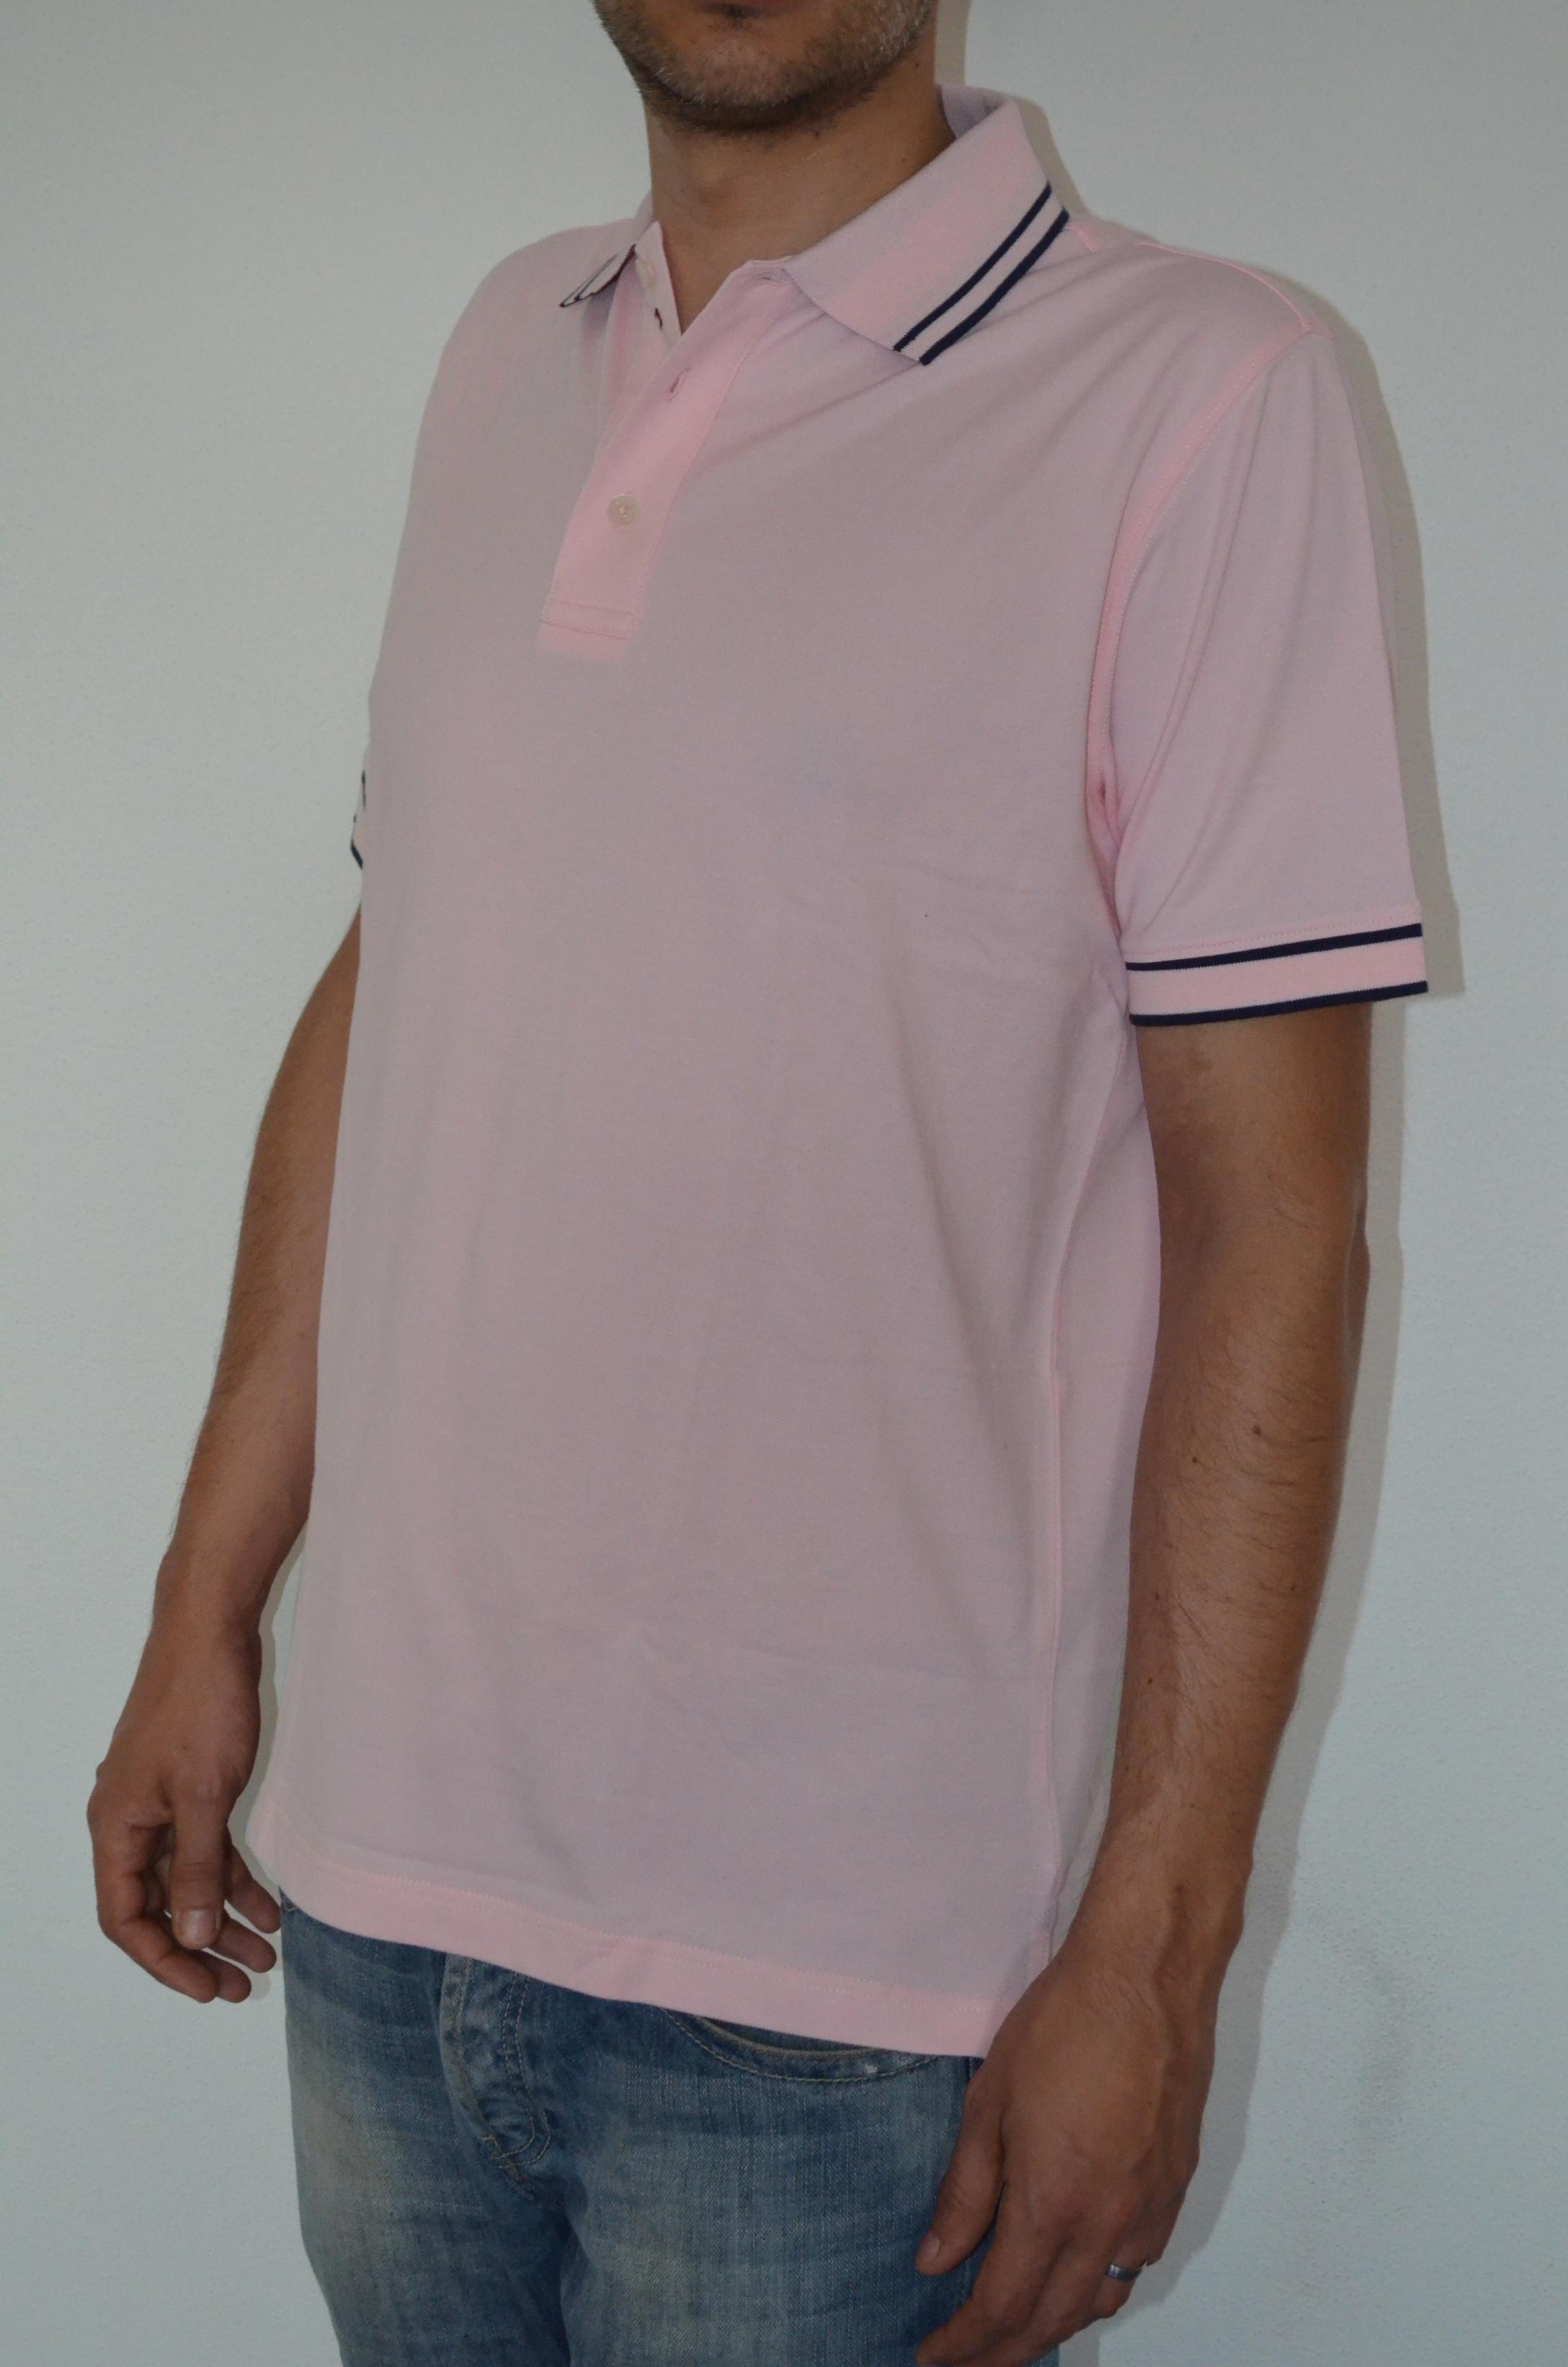 Tommy Hilfiger pánské polo triko růžové velikost: S